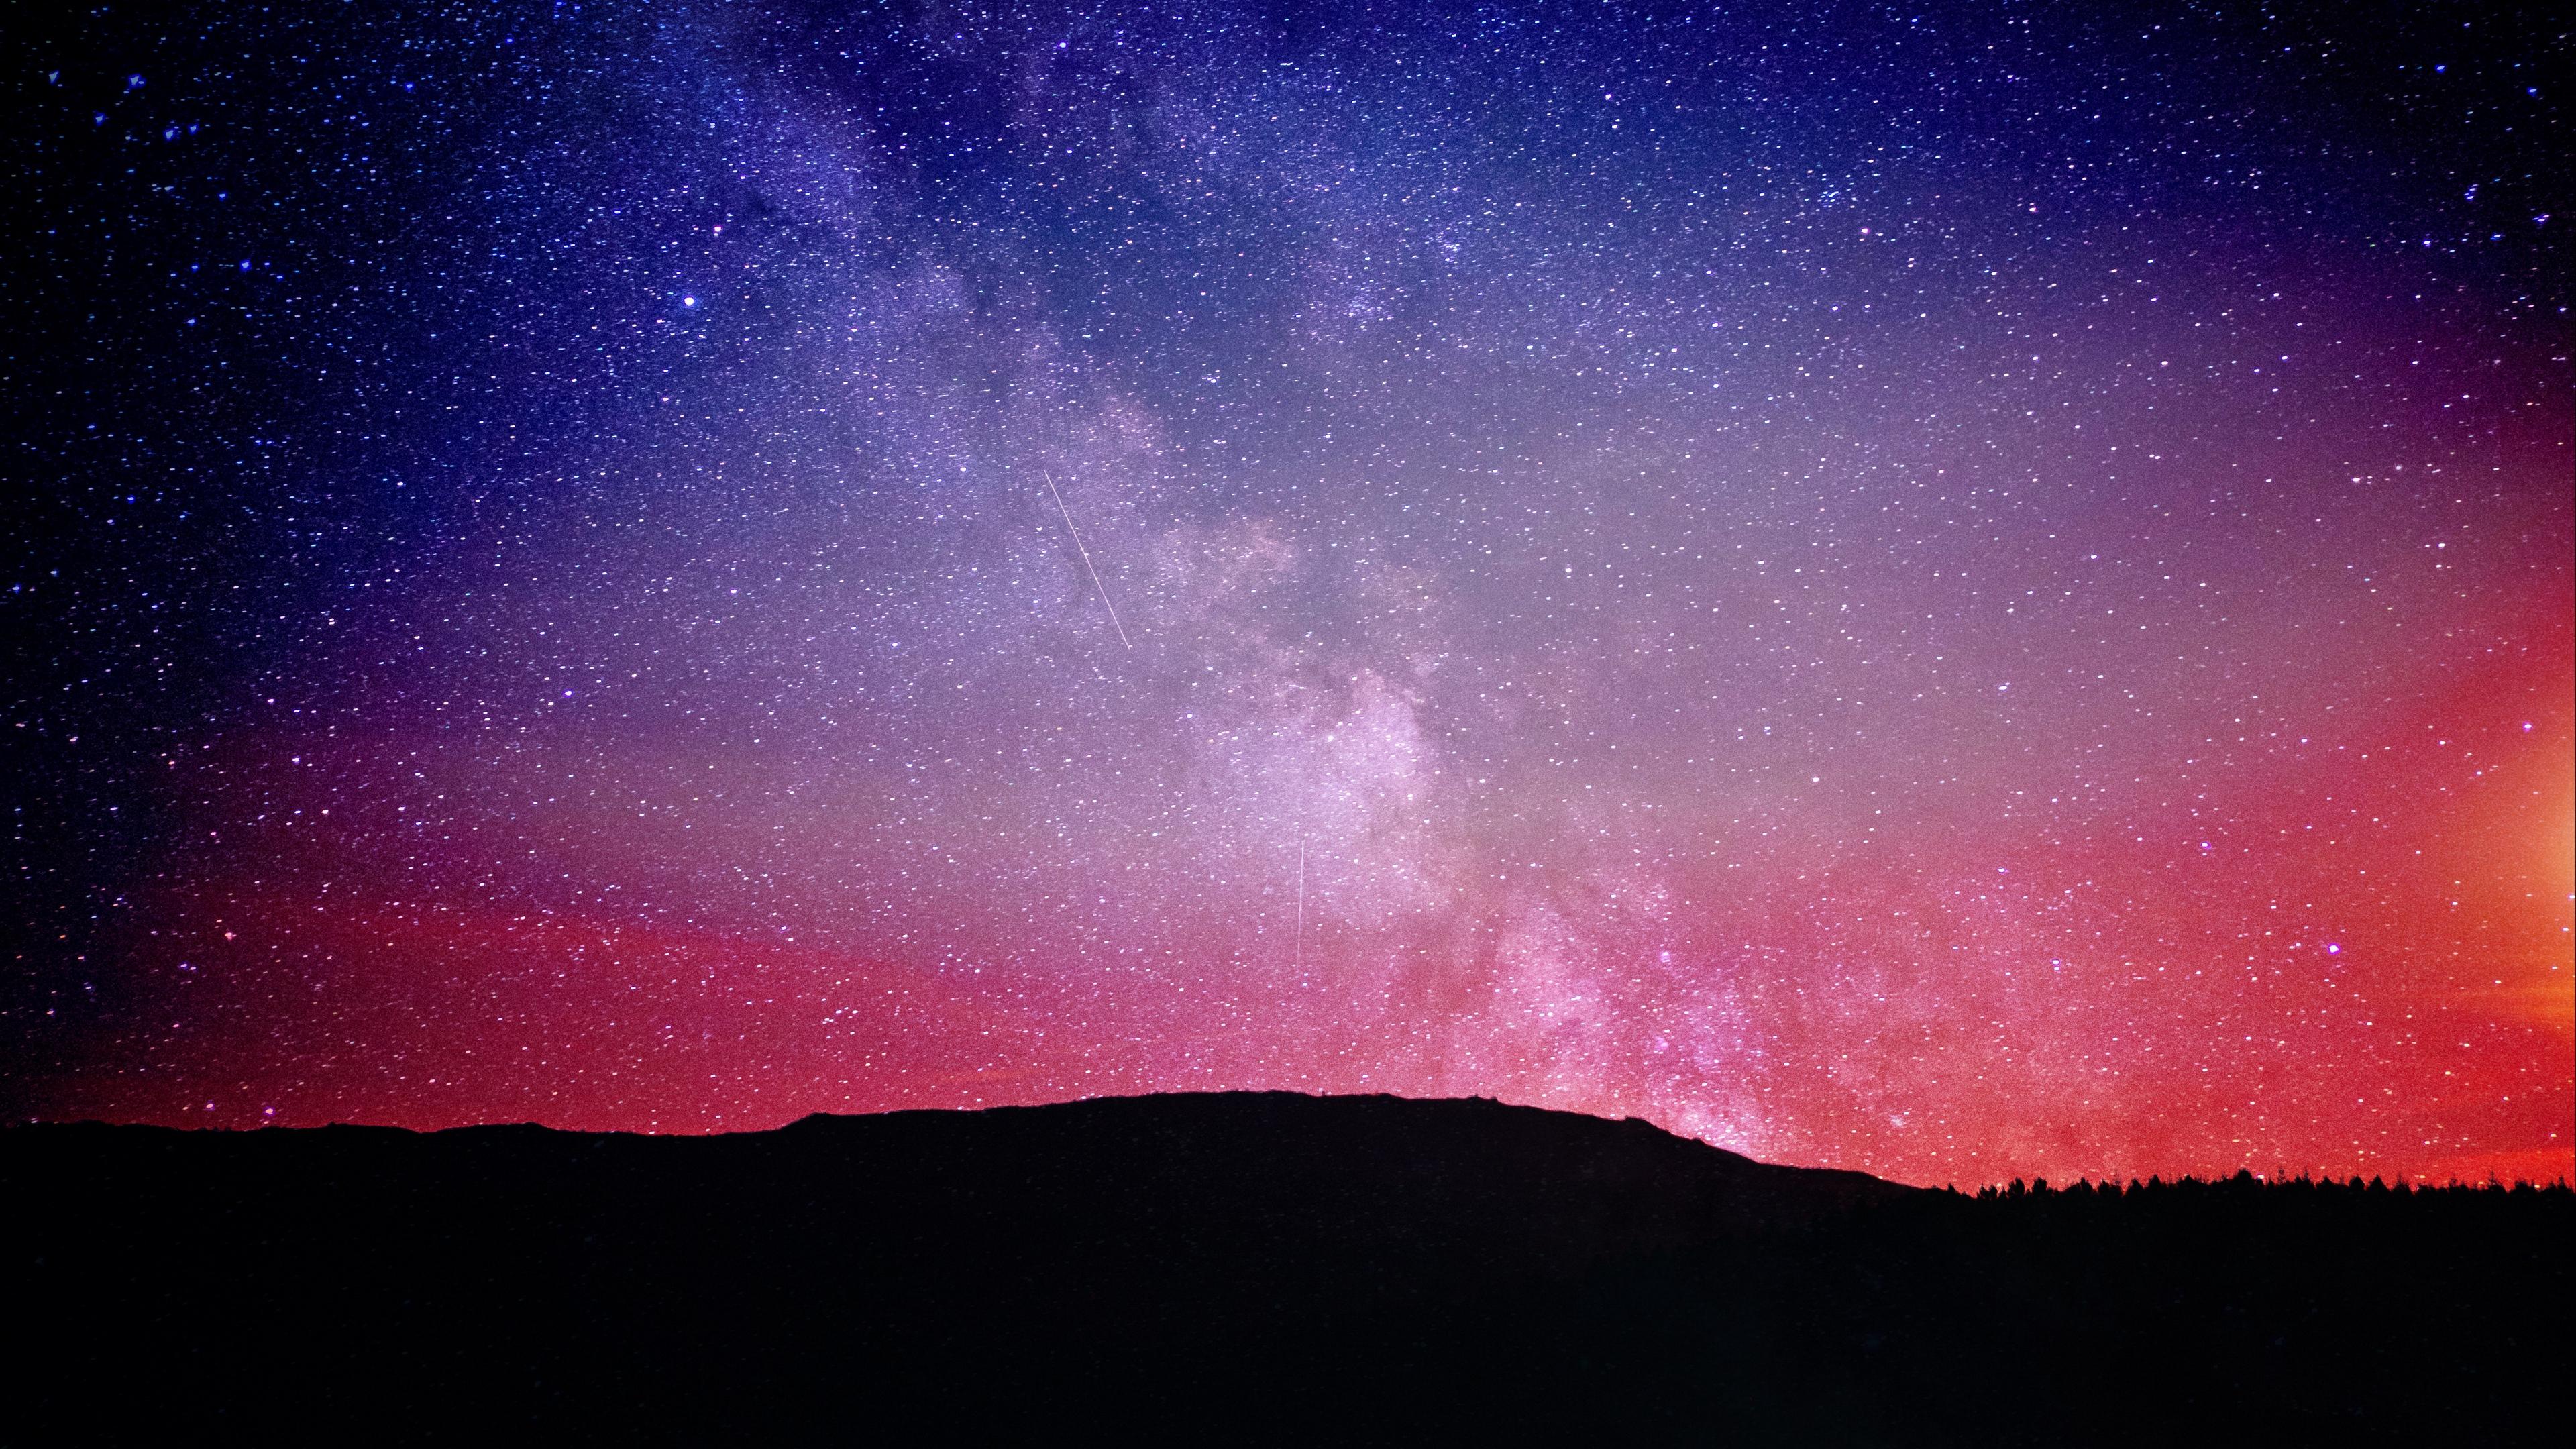 starry sky stars night 4k 1541115024 - starry sky, stars, night 4k - Stars, starry sky, Night